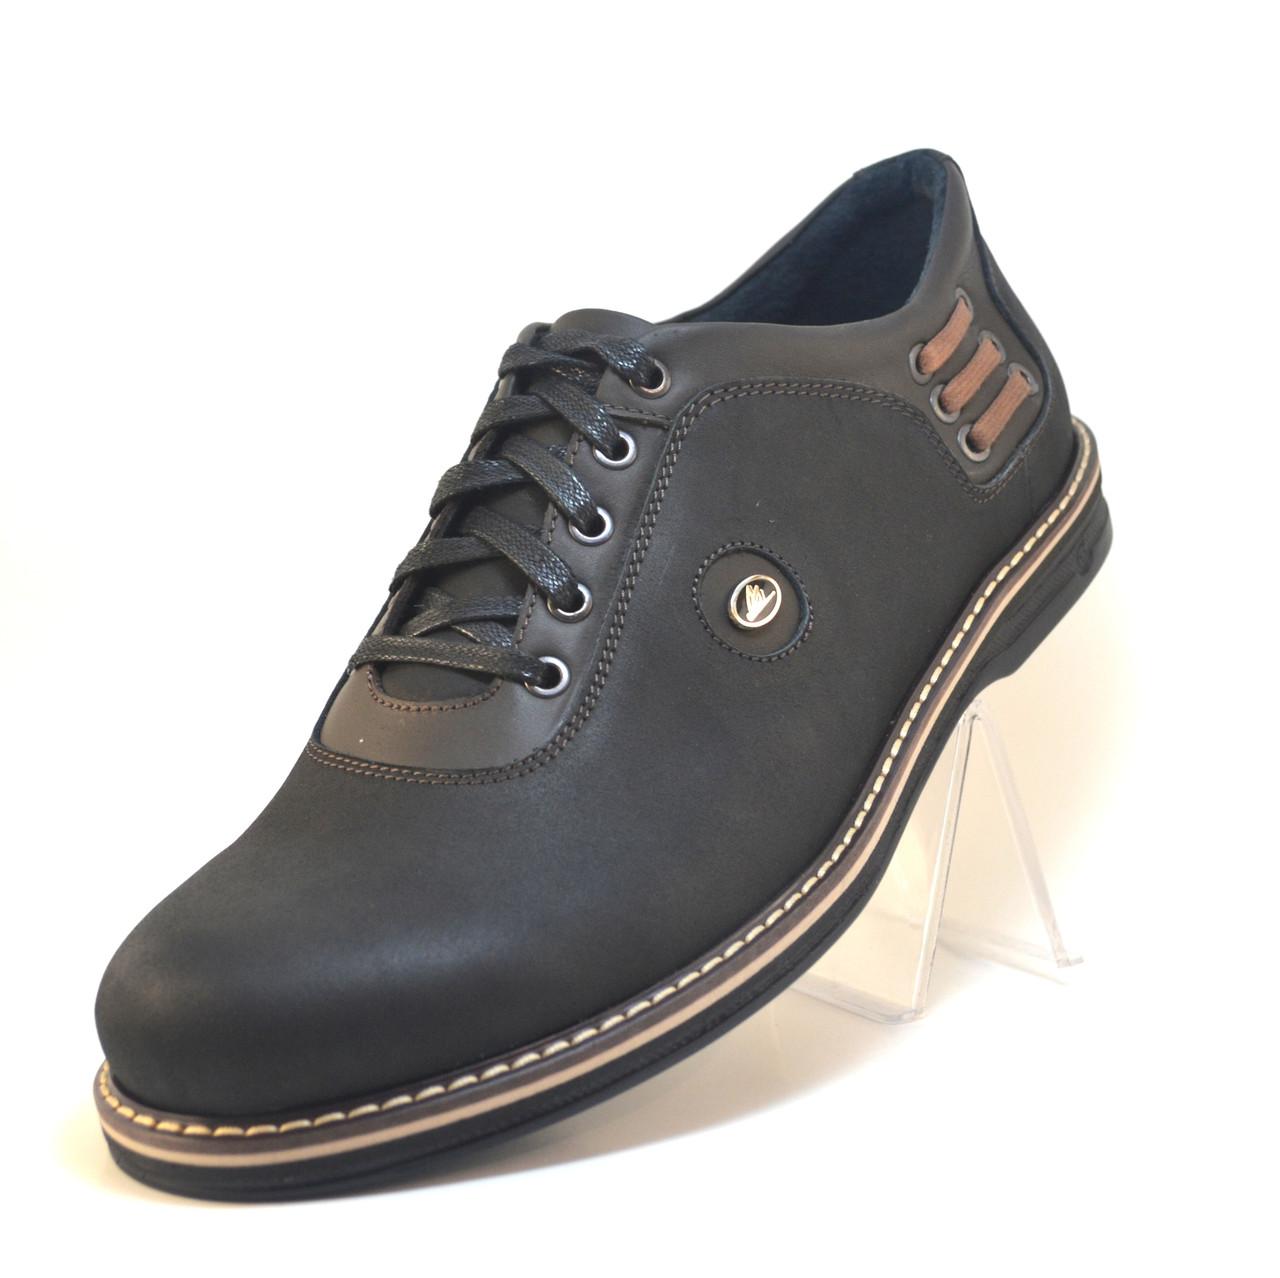 Полуботинки мужские кожаные Rosso Avangard Prince Black черные